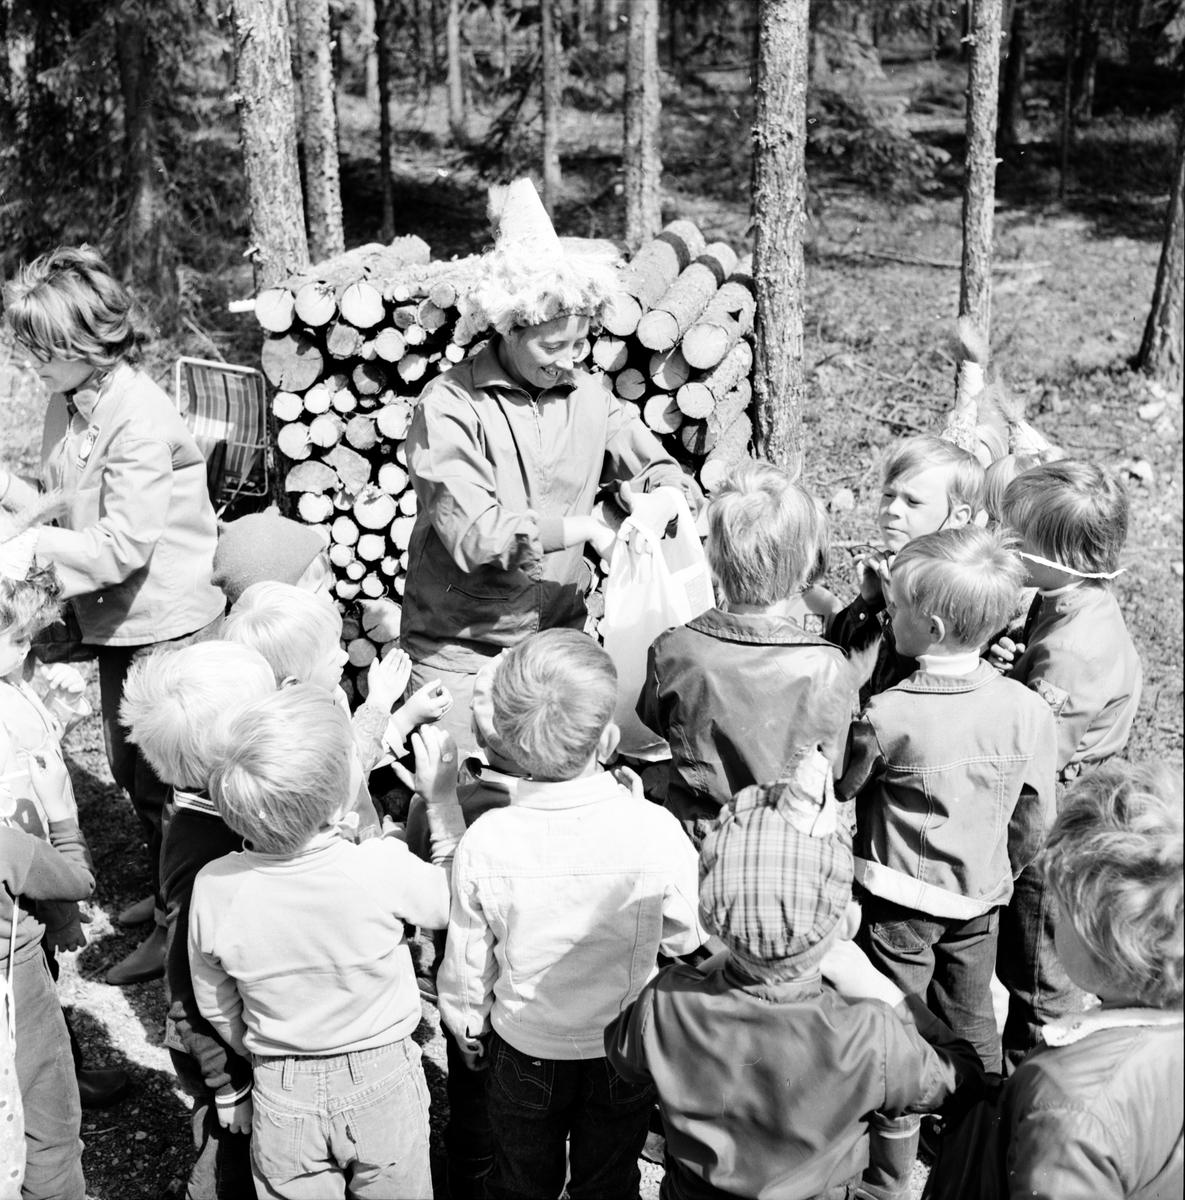 Arbrå, Mulleskolan avslutas, Juni 1971